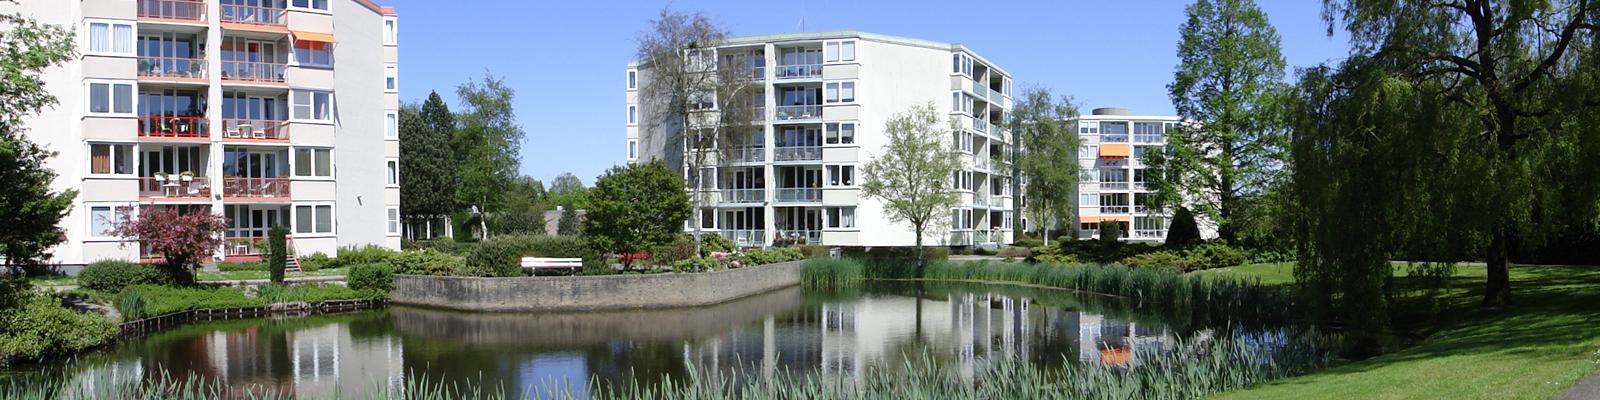 panorama-frankenstate